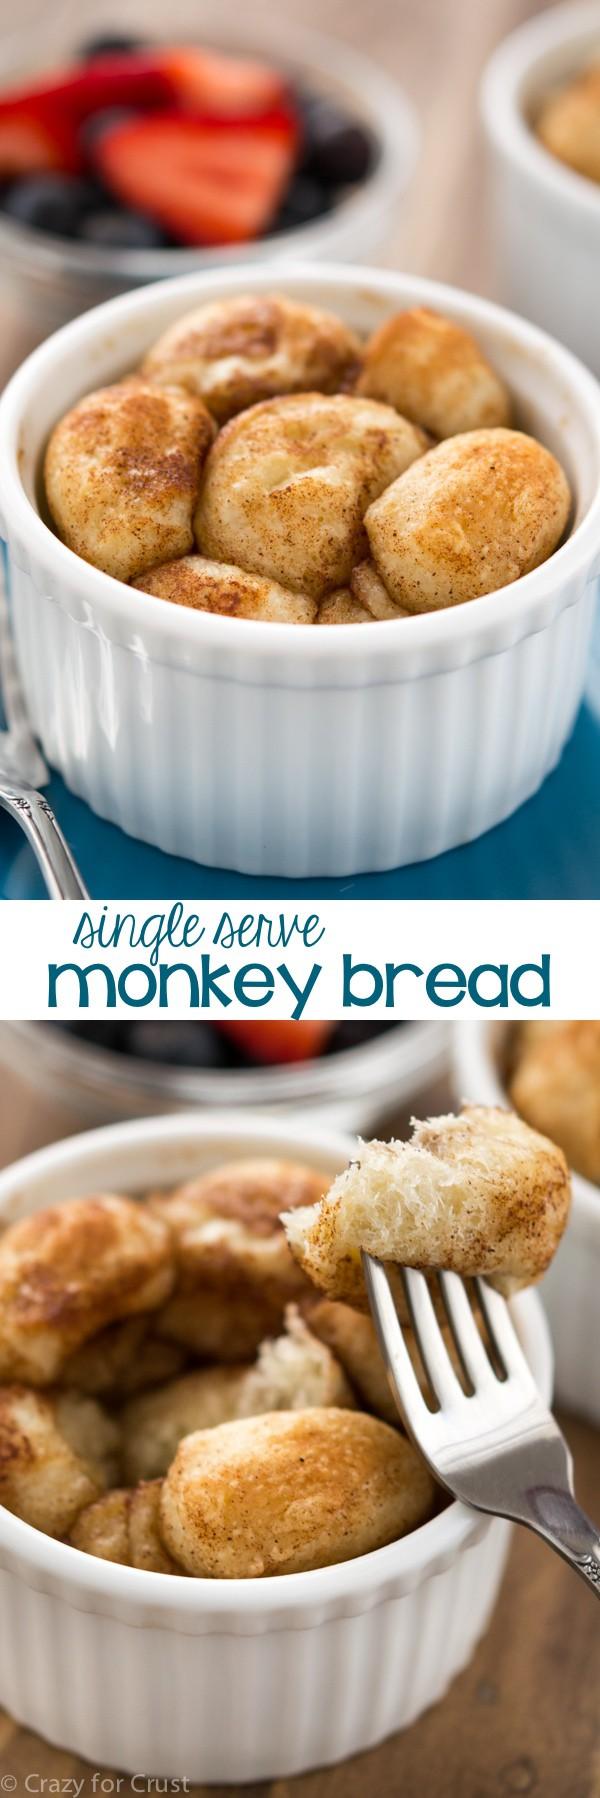 Single Serve Monkey Bread